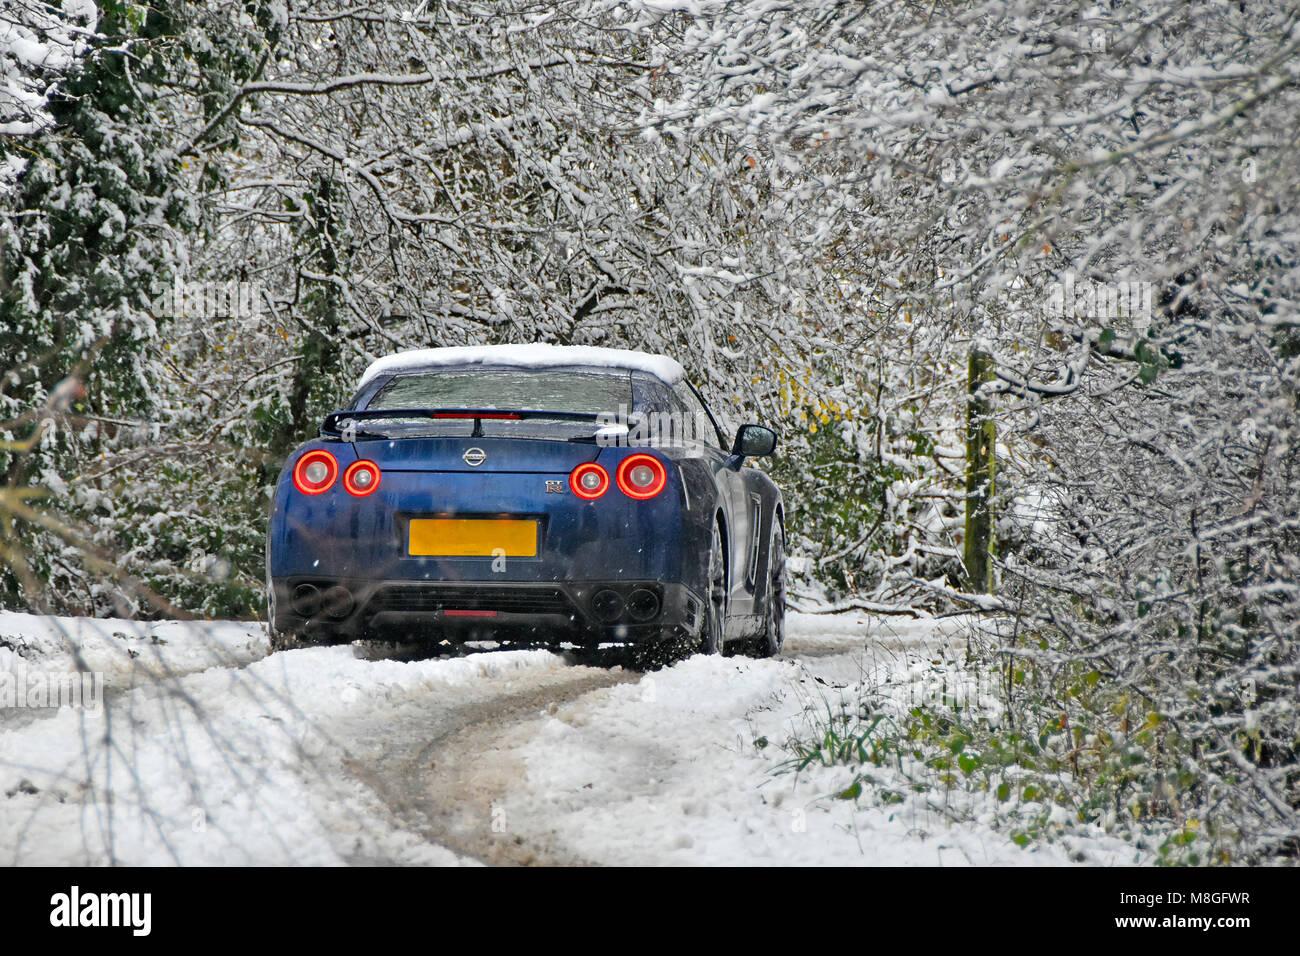 Verschneiter baum landschaft Szene Auto in der schmalen Straße hinunter Feldweg im Winter Schnee fallen, ländlichen Stockbild